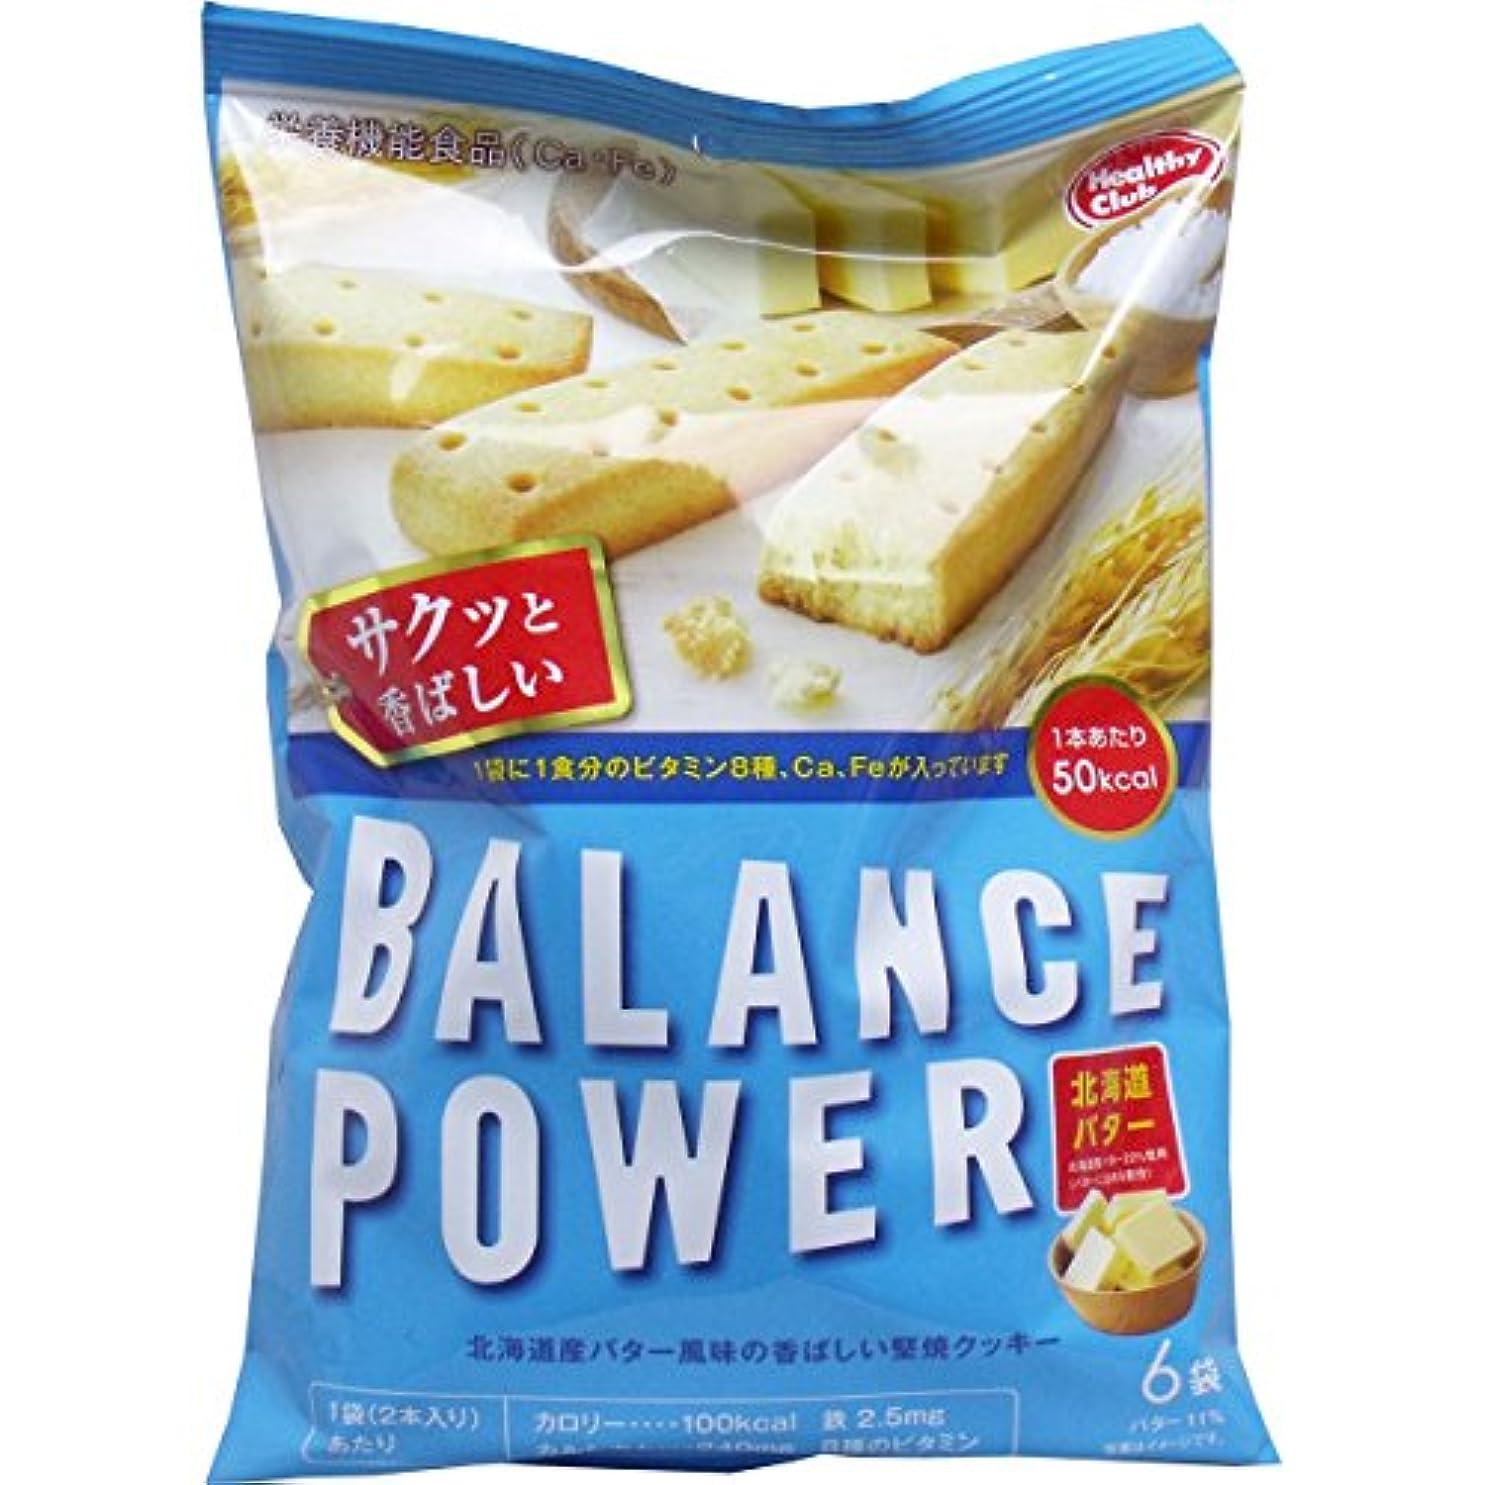 必要ないファンタジー終了するバランスパワー 北海道バター味 6袋(12本)入